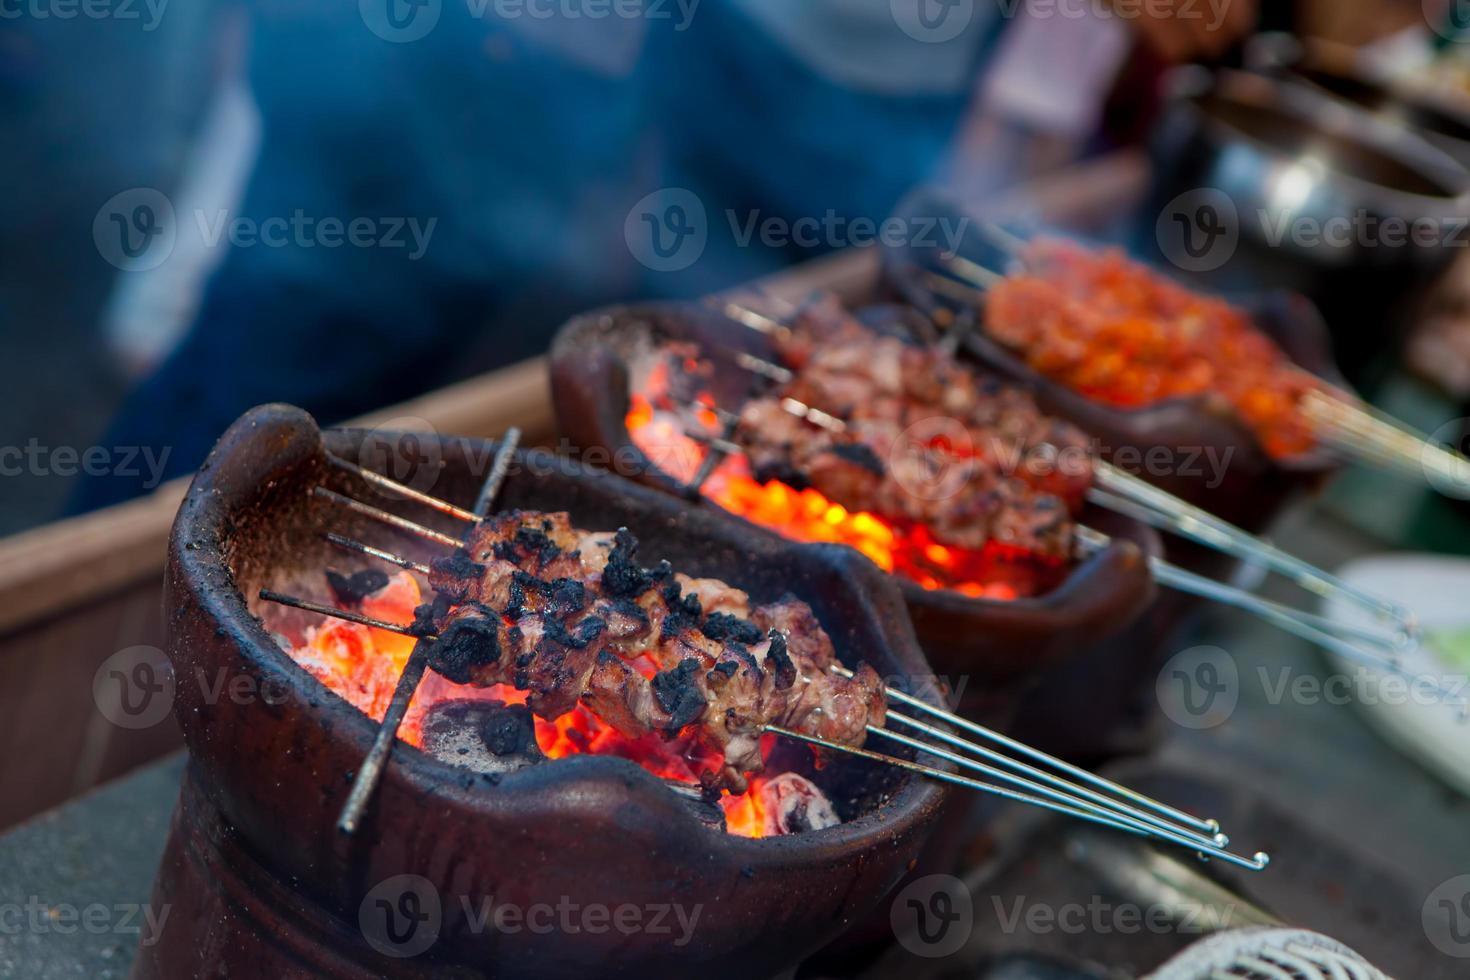 indonesisch eten saté jogja klatak vlees wordt grill foto